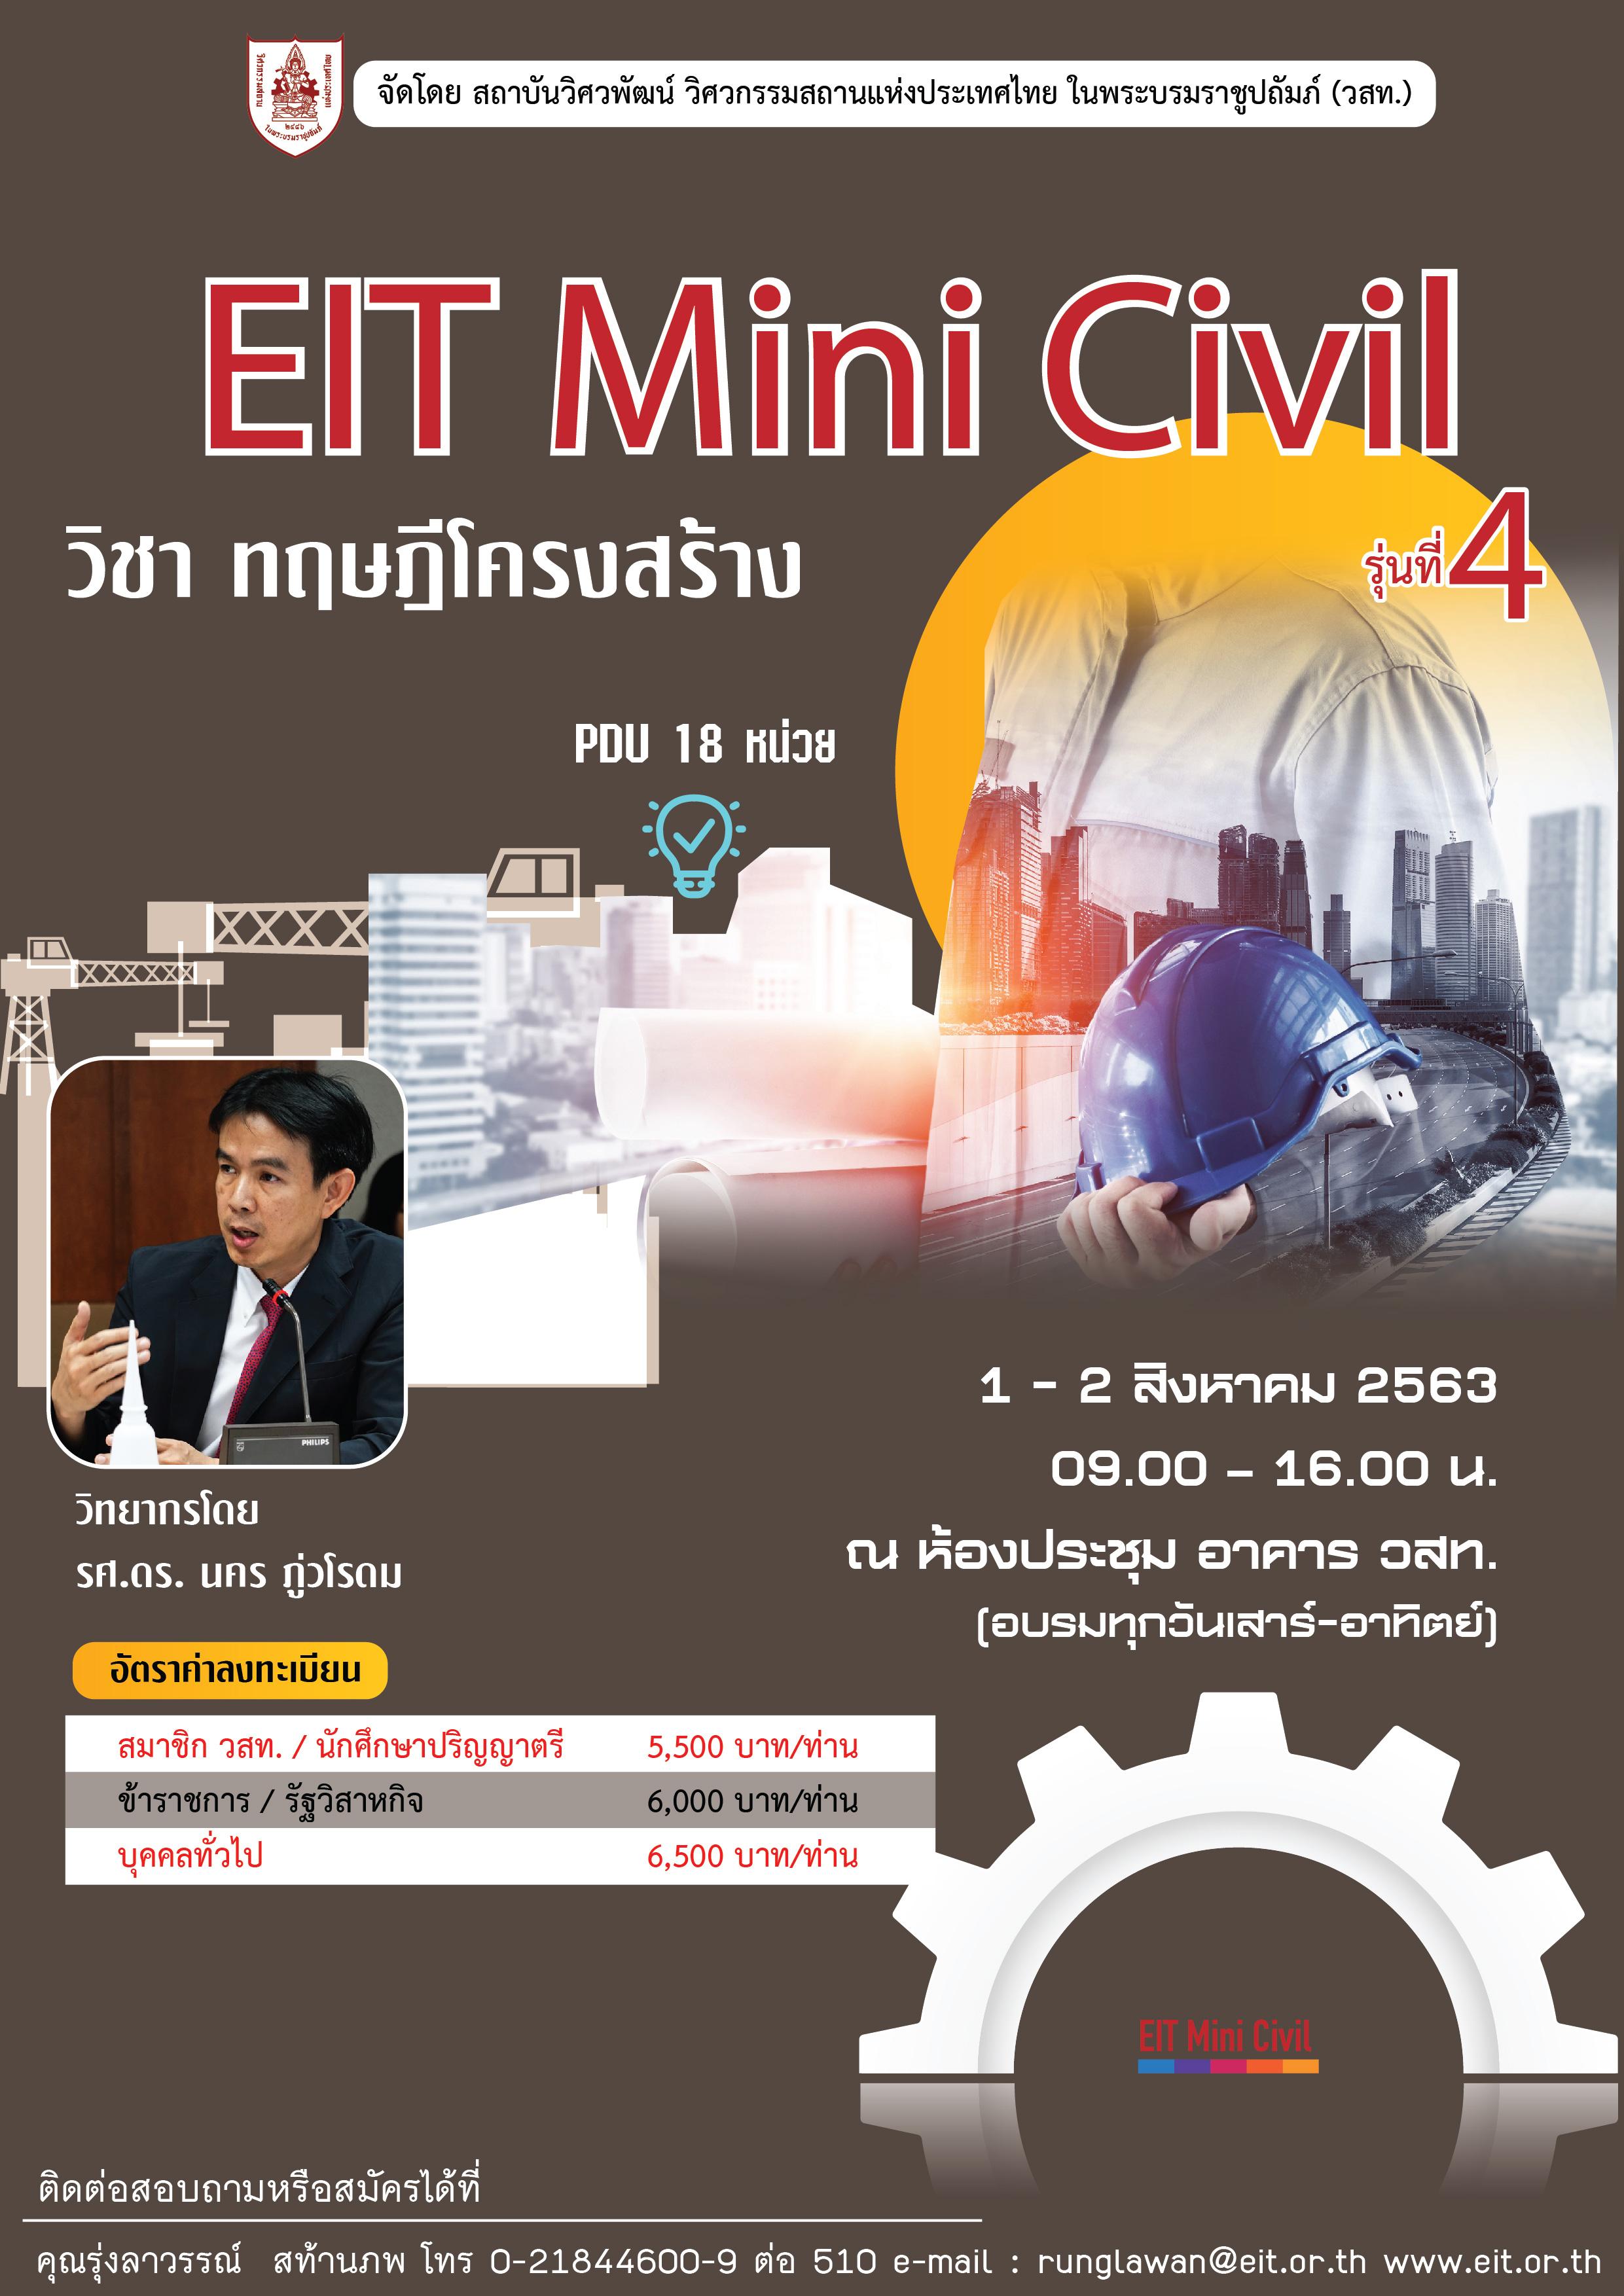 1-2/08/63 การอบรมหลักสูตร EIT Mini Civil รุ่นที่ 4 วิชาที่ 4 ทฤษฎีโครงสร้าง (Structural)